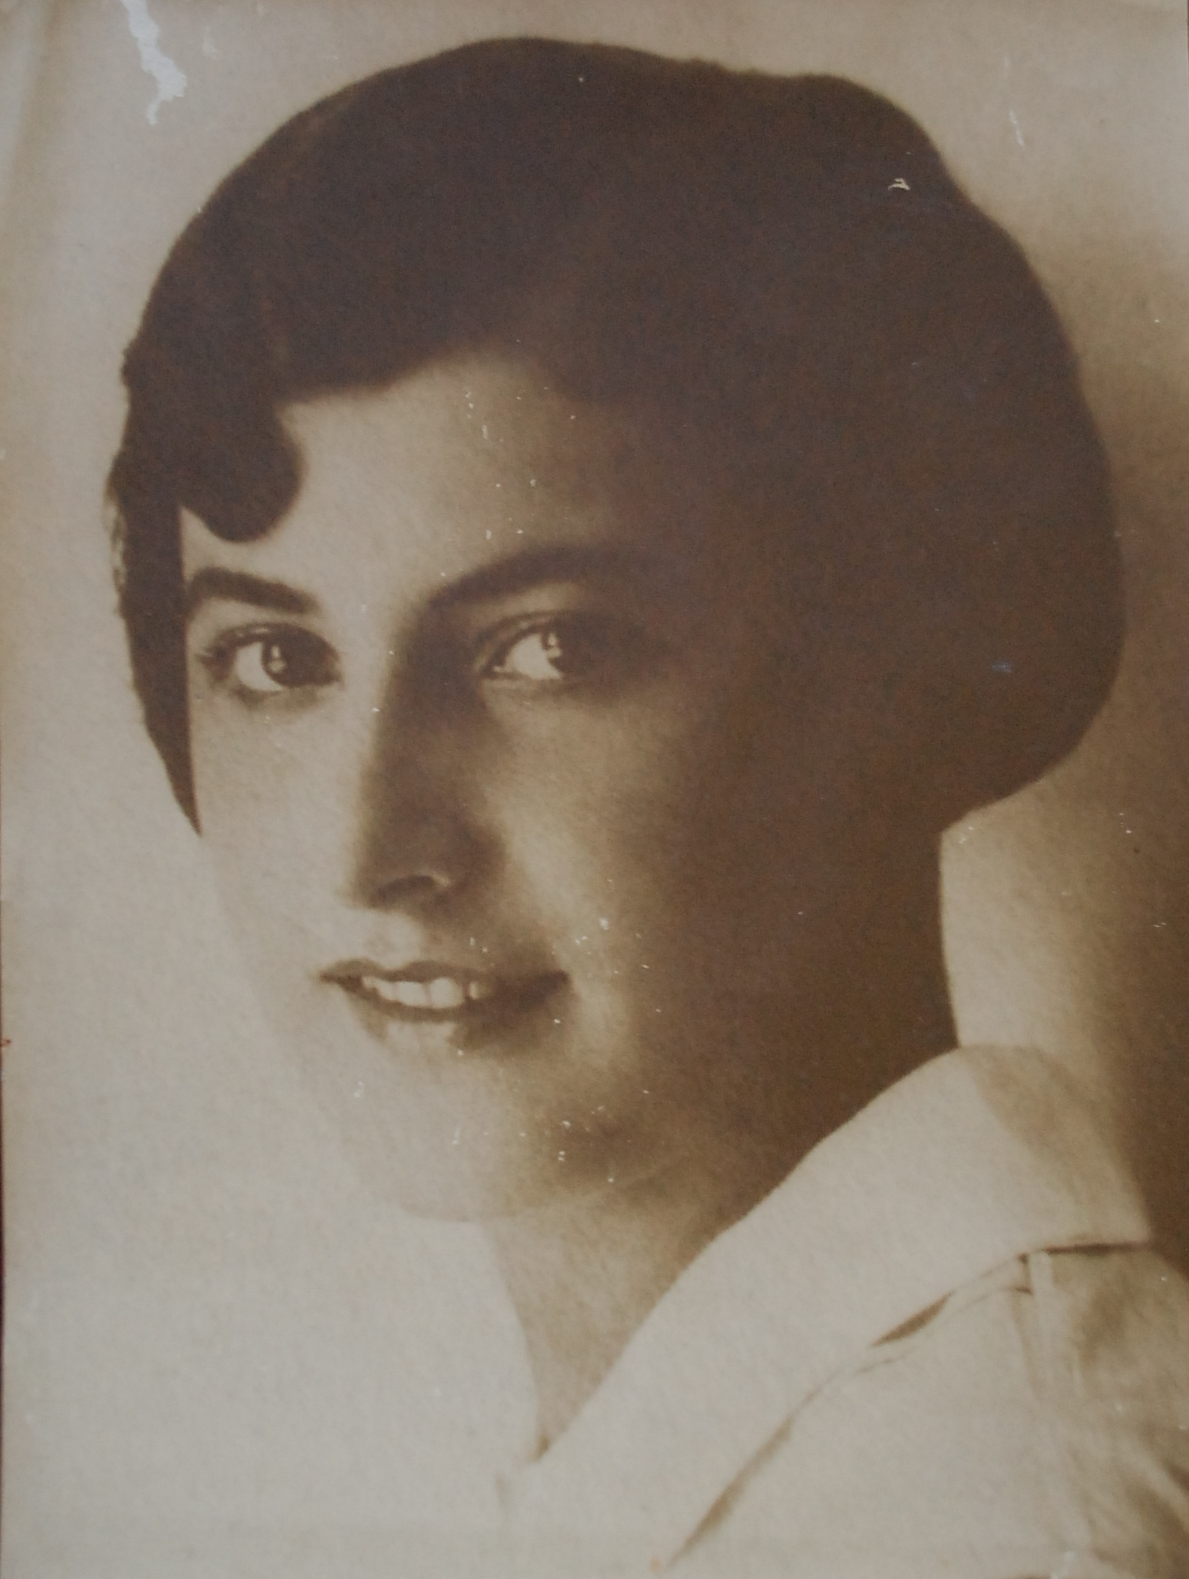 Carla Kurz Quelle Archiv Dr.Landi